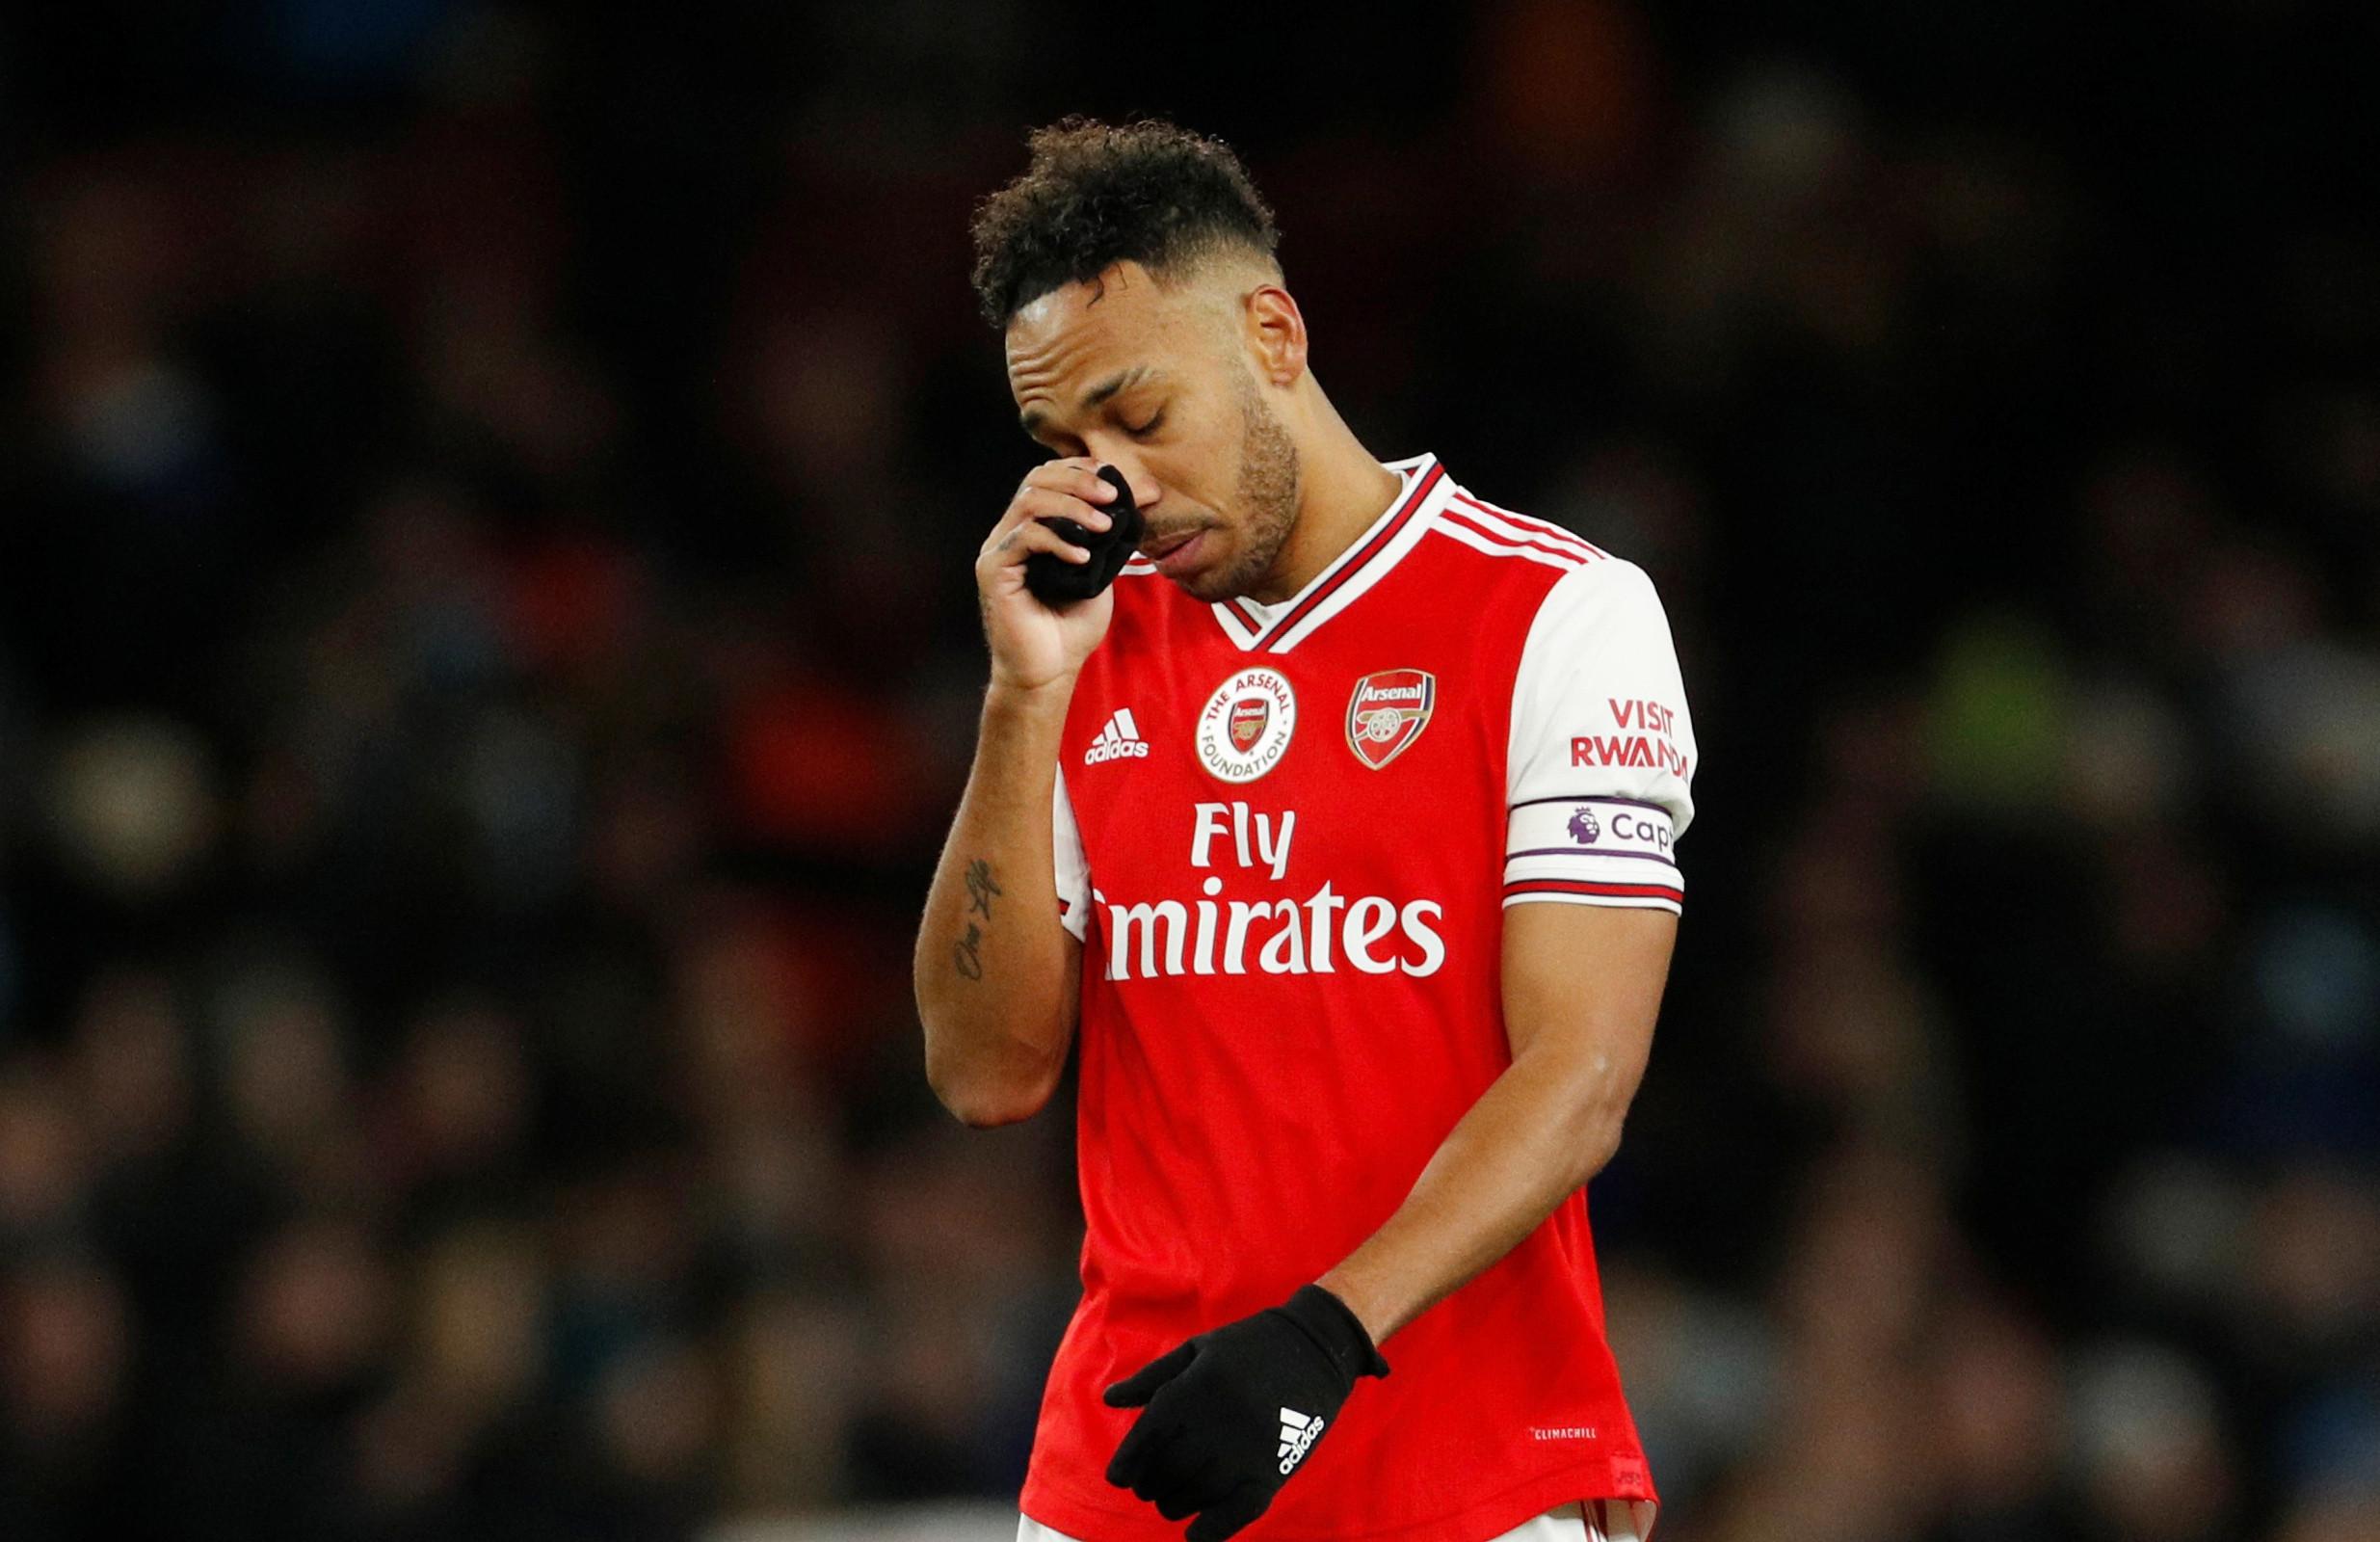 Man Utd cẩn thận, Arsenal tính phá kỷ lục chuyển nhượng của Pepe - Bóng Đá